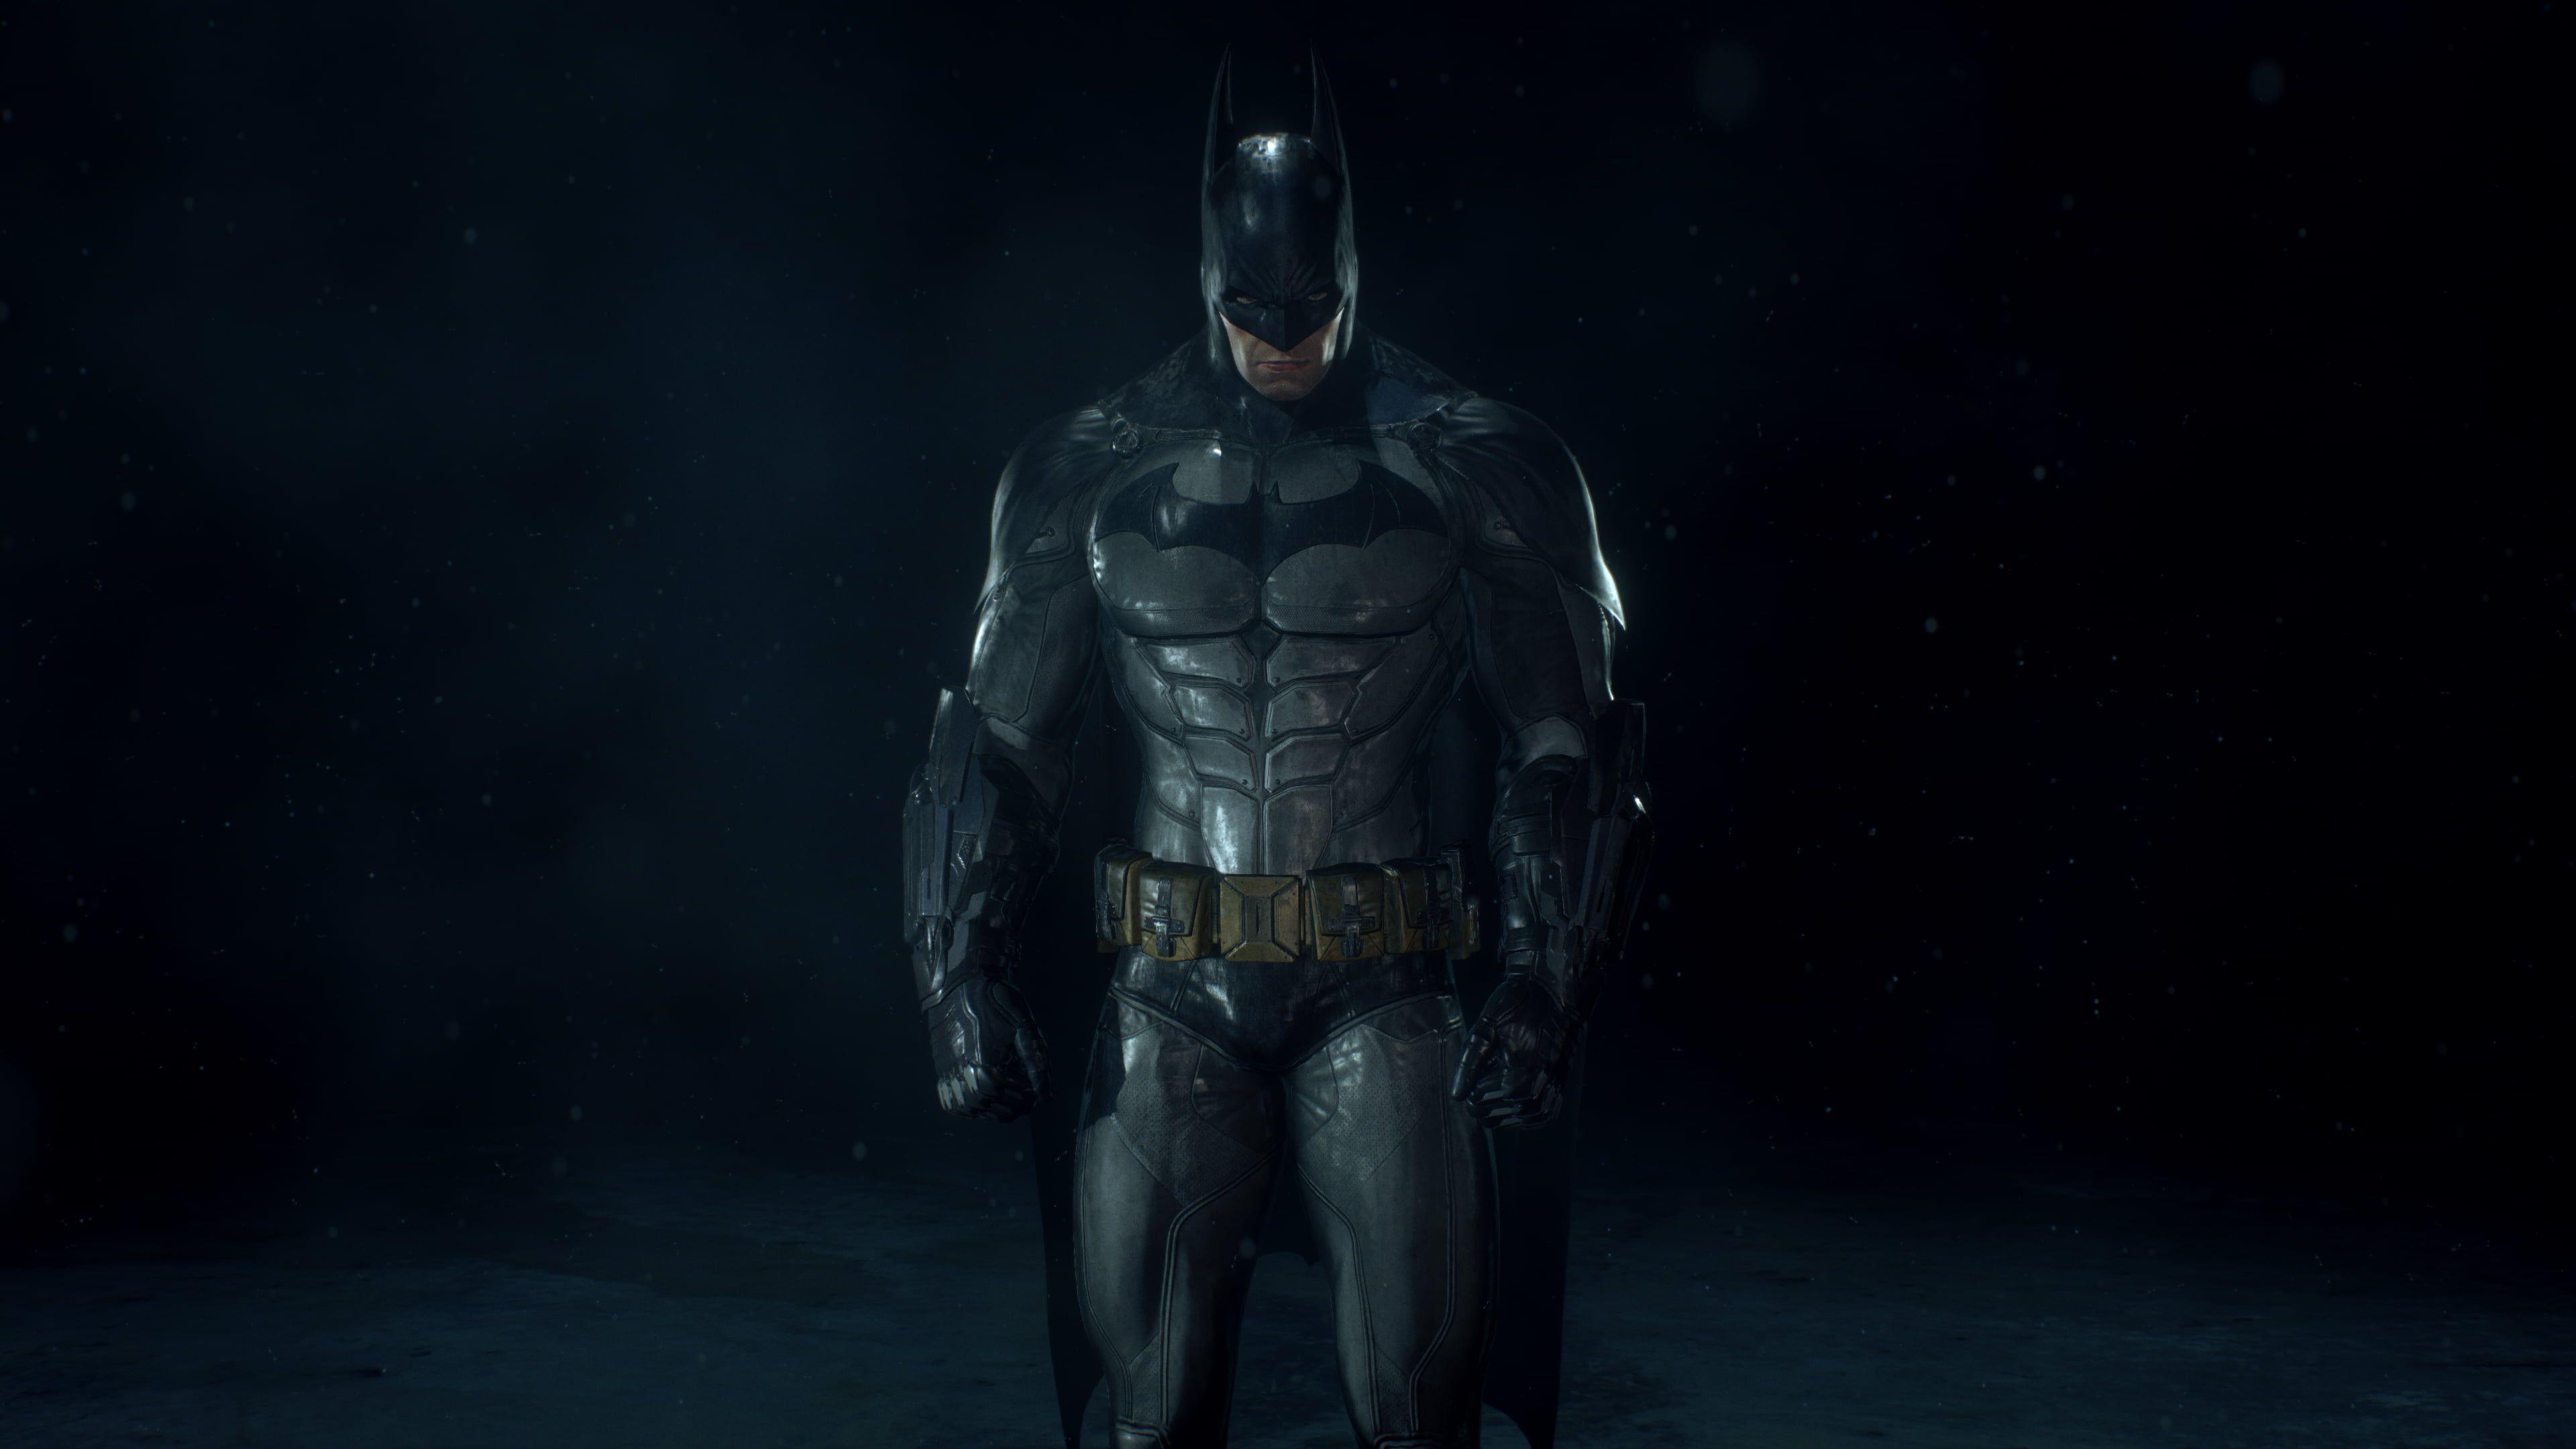 Dc Batman Batman Arkham Knight Dc Comics Batman Video Games 4k Wallpaper Hdwallpaper Desktop Batman Batman Arkham Knight Wallpaper Arkham Knight